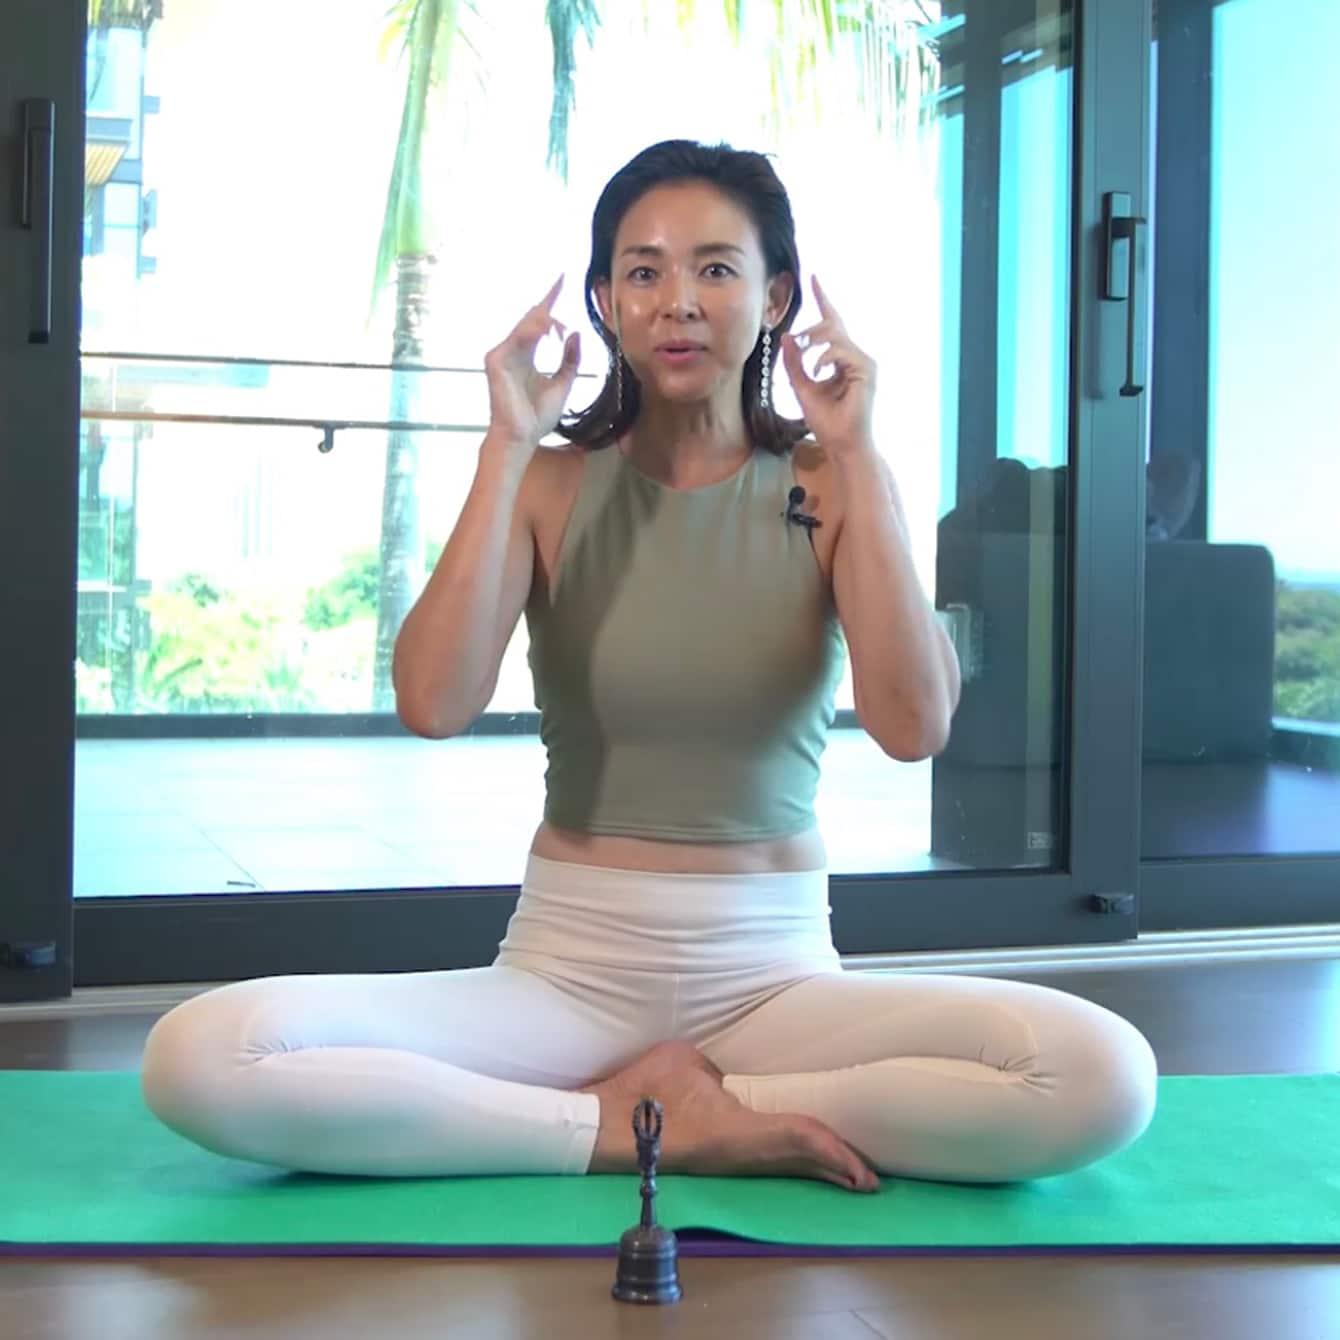 【SHIHO五感瞑想決定版】心身が鎮まる20分間のガイド総集編3